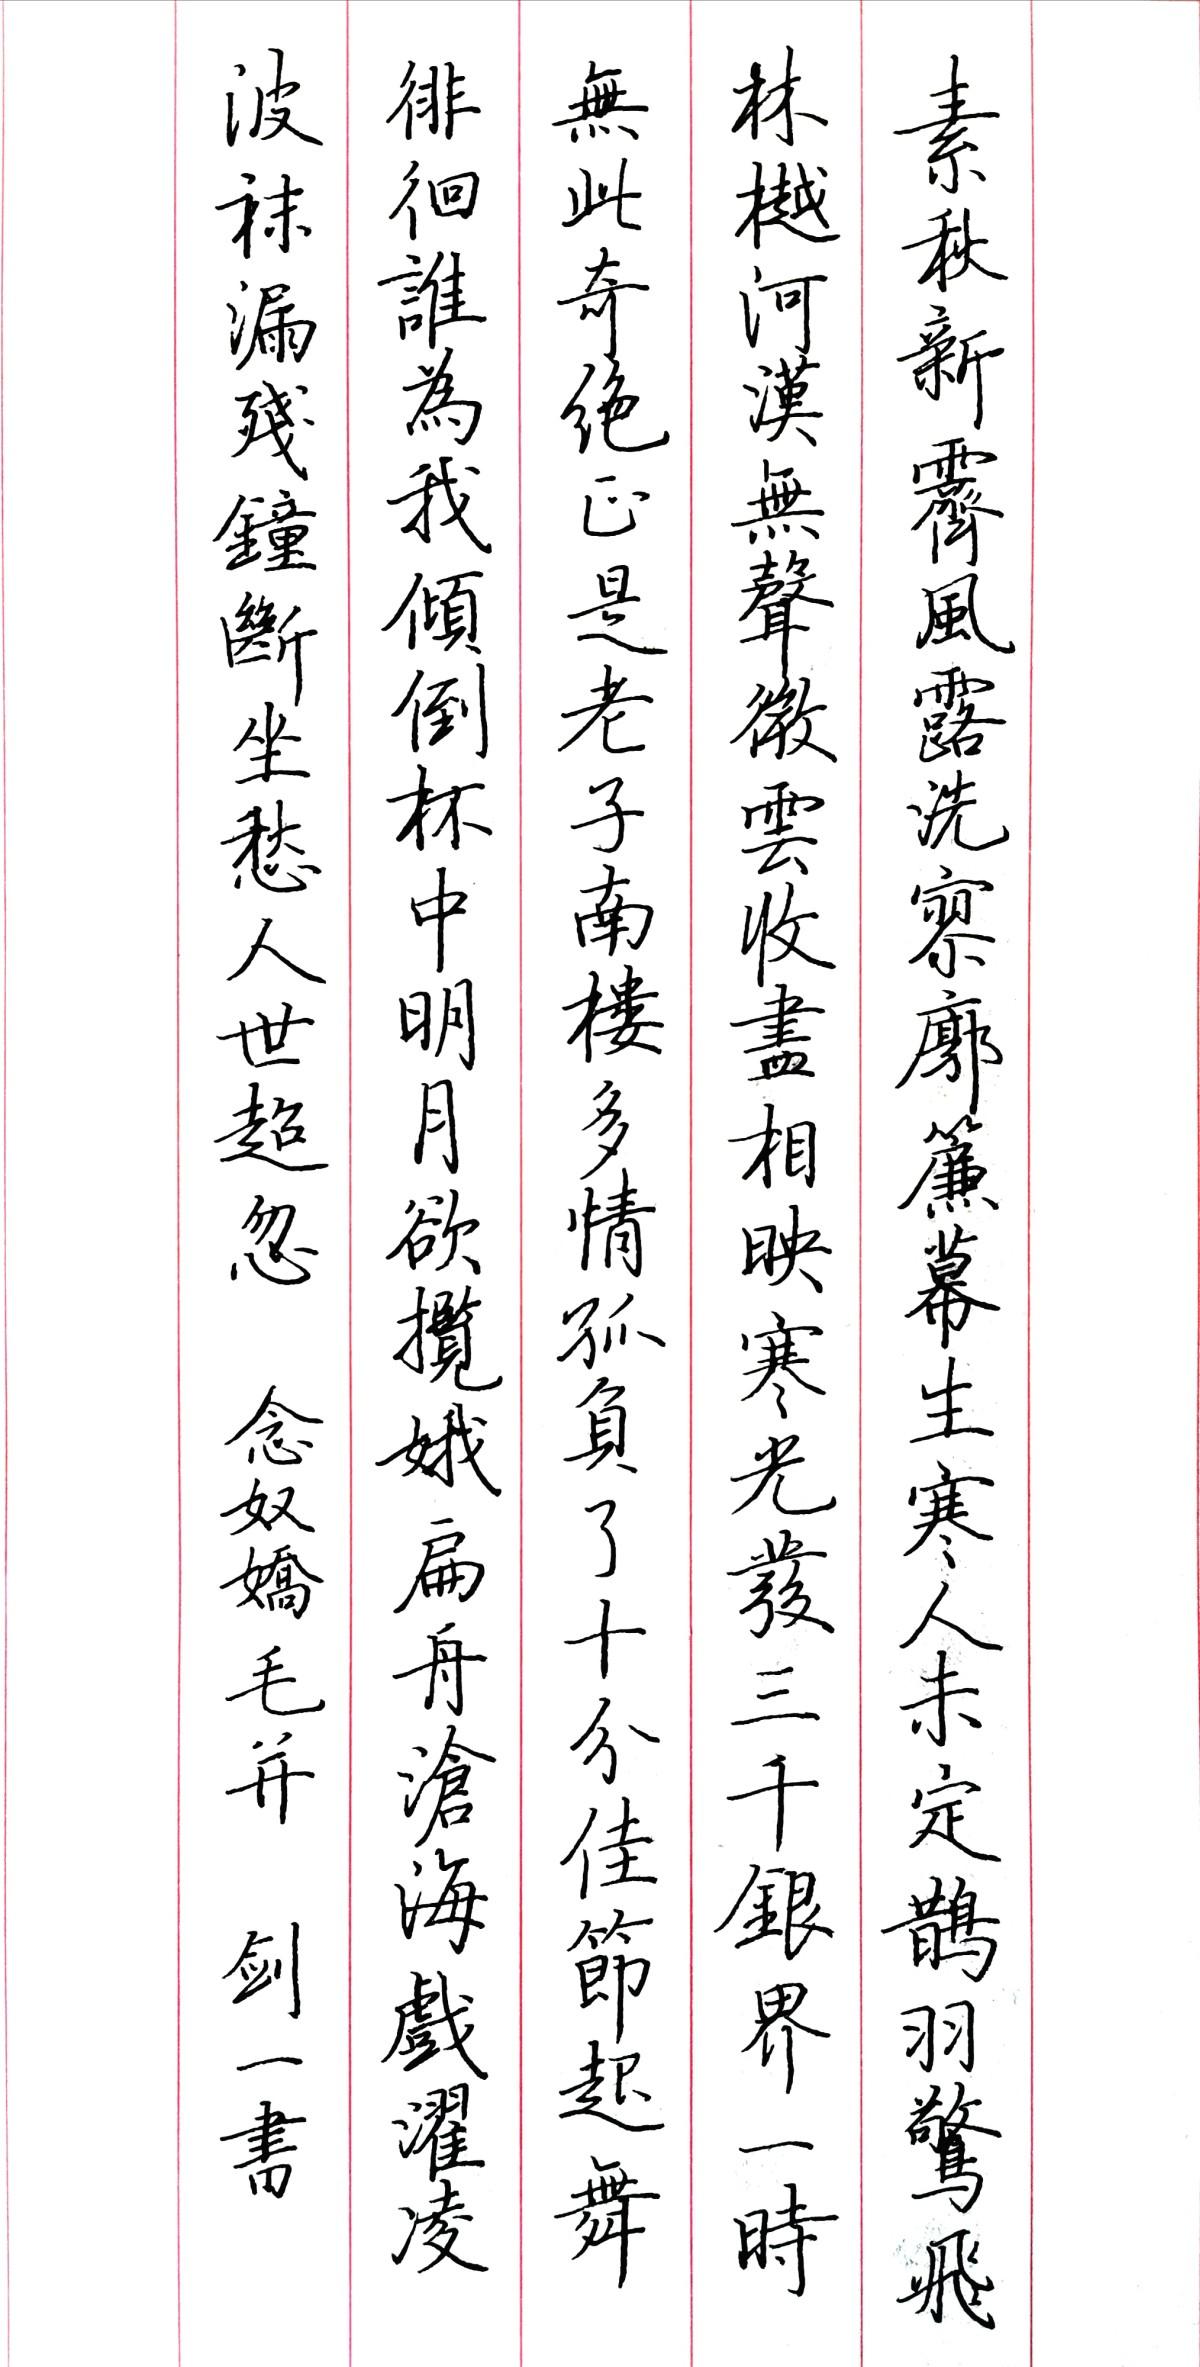 钢笔字练字打卡20201020-04